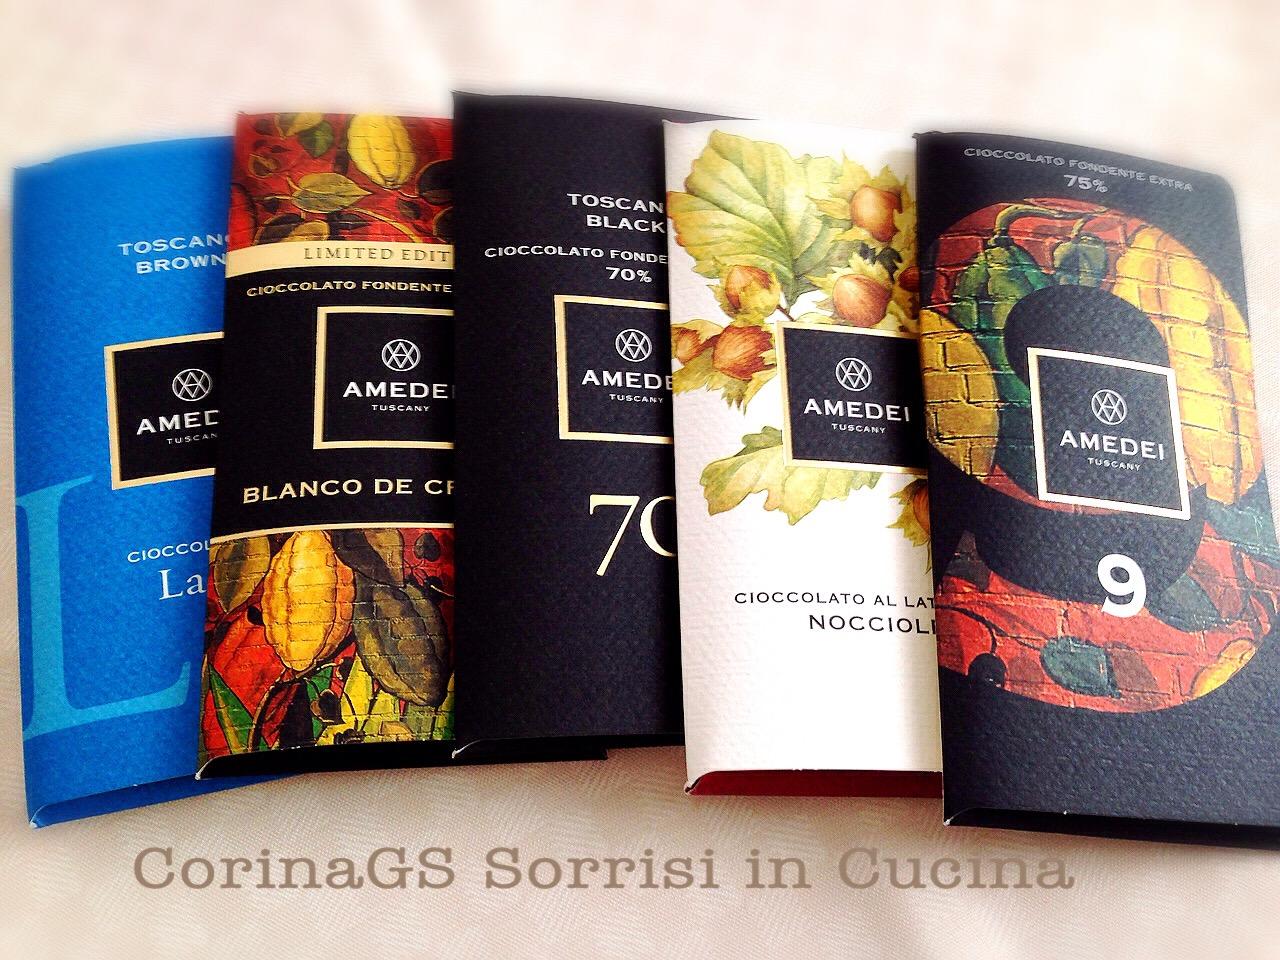 Amedei cioccolato per passione|CorinaGS